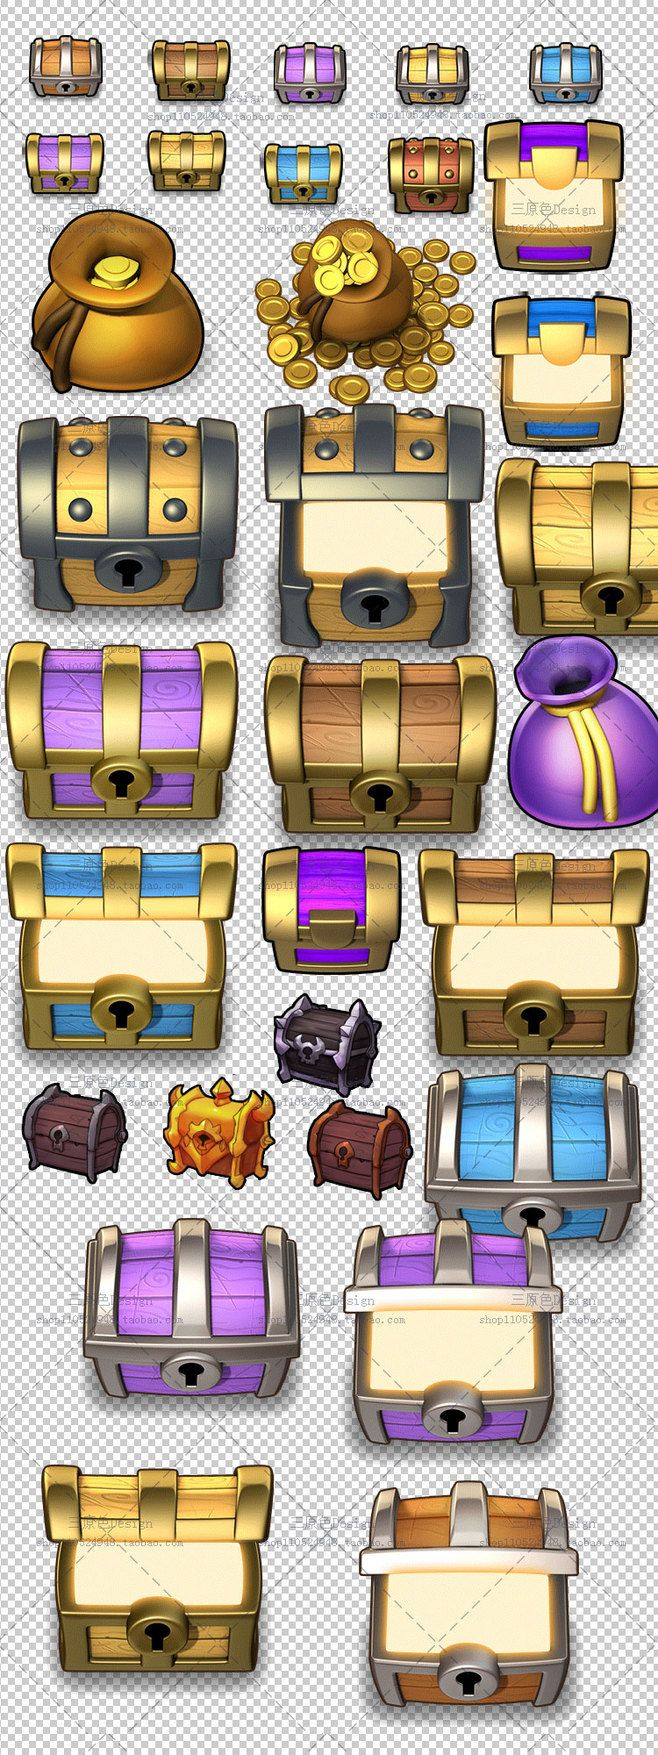 游戏宝箱图标 游戏UI图标素材资源PNG...